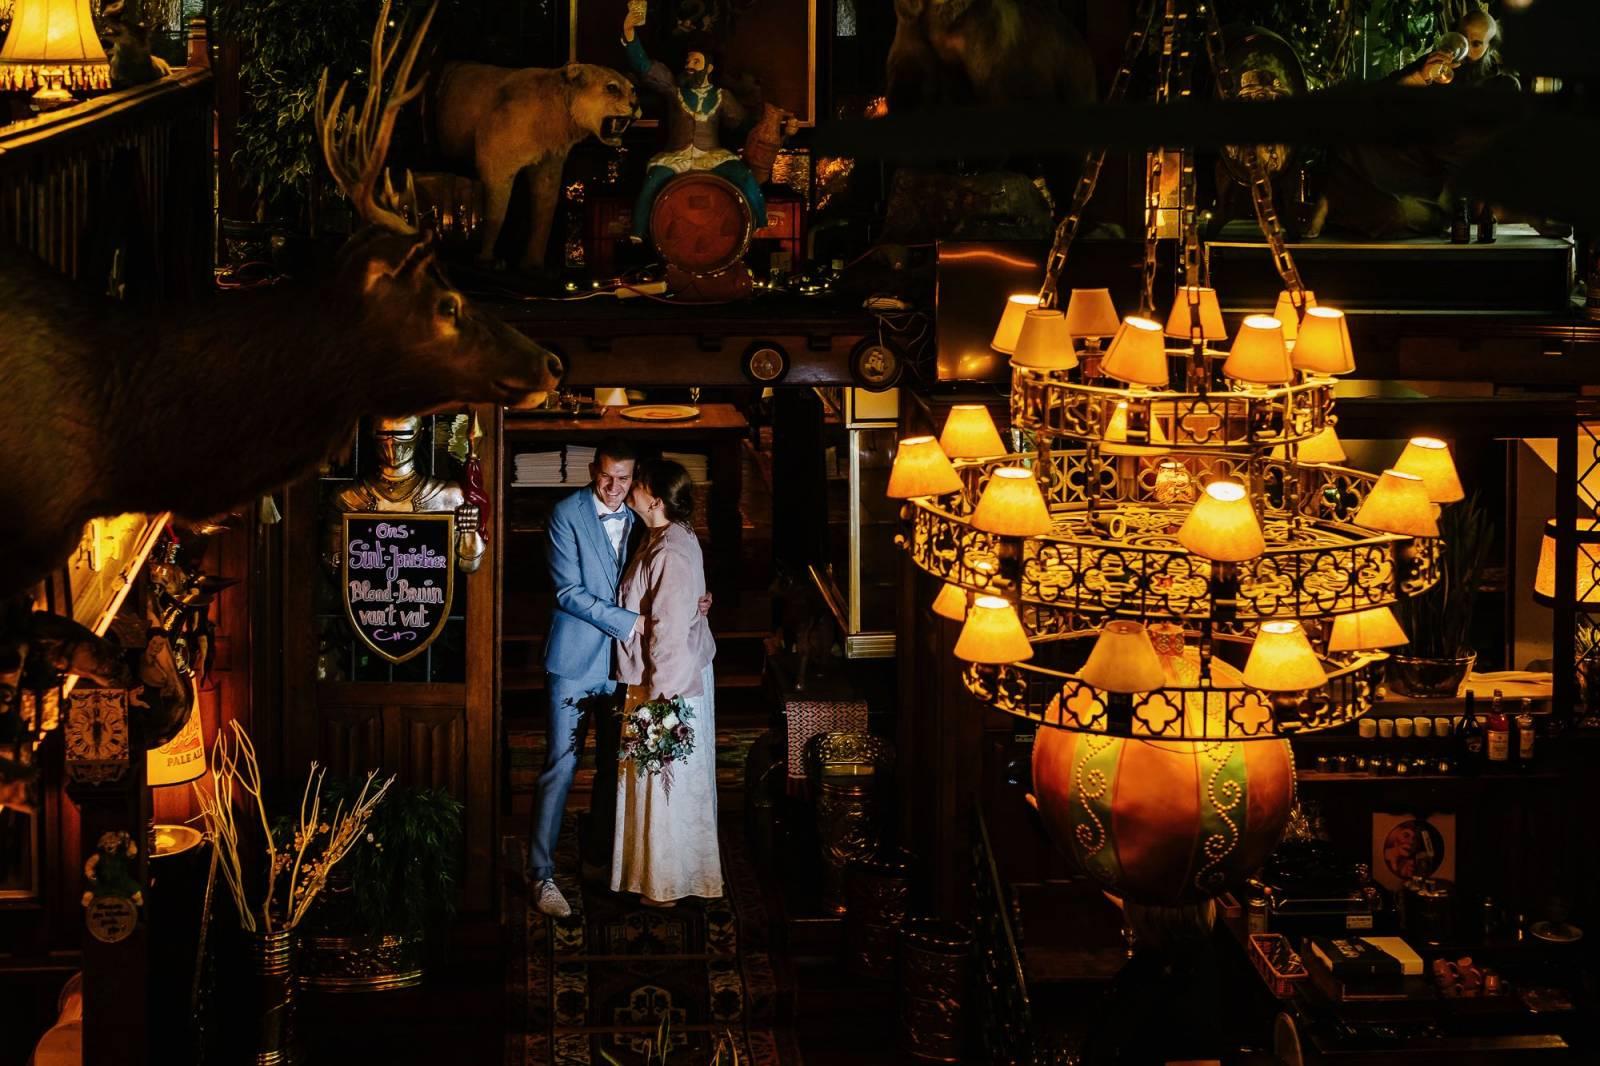 Jonas De Gent - Huwelijksfotograaf - House of Weddings - 9